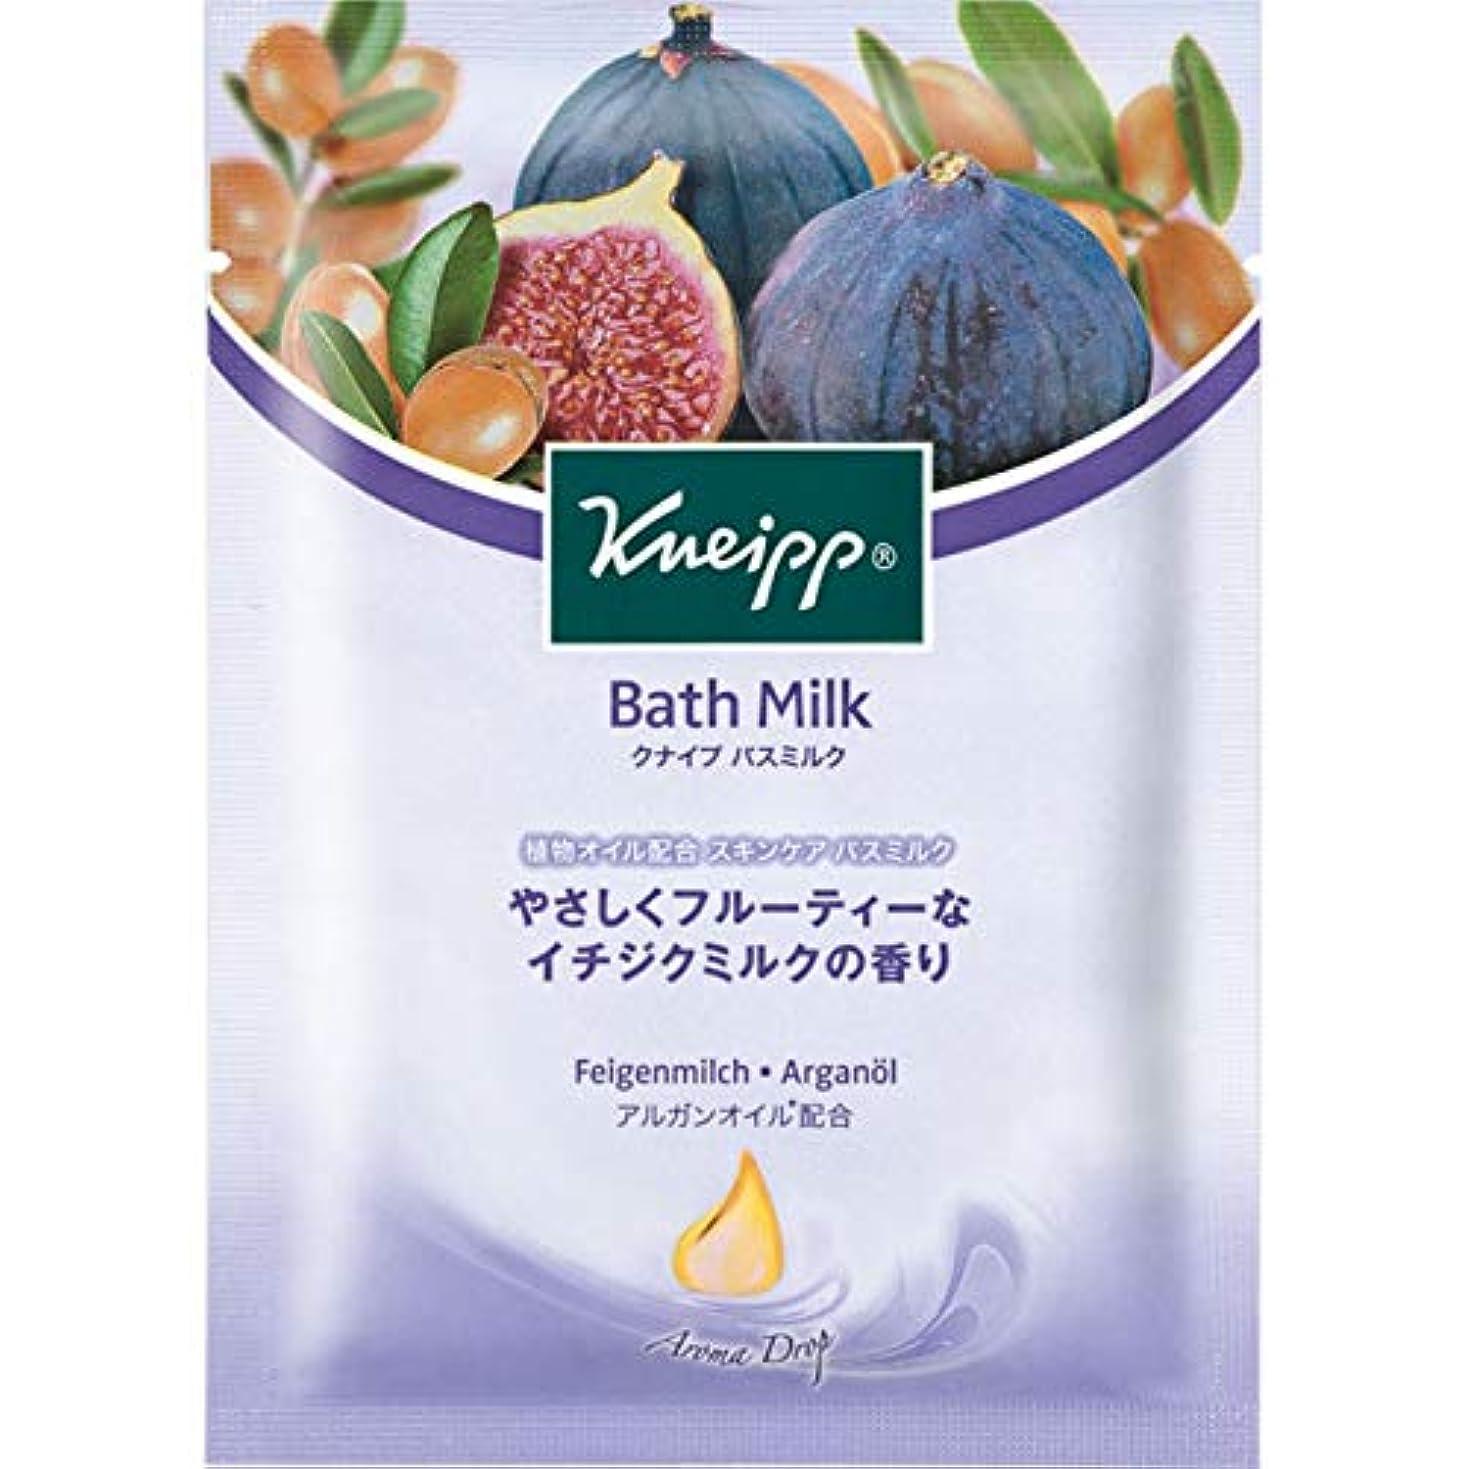 テストアラスカかすかなクナイプ?ジャパン クナイプ バスミルク イチジクミルク 40ml